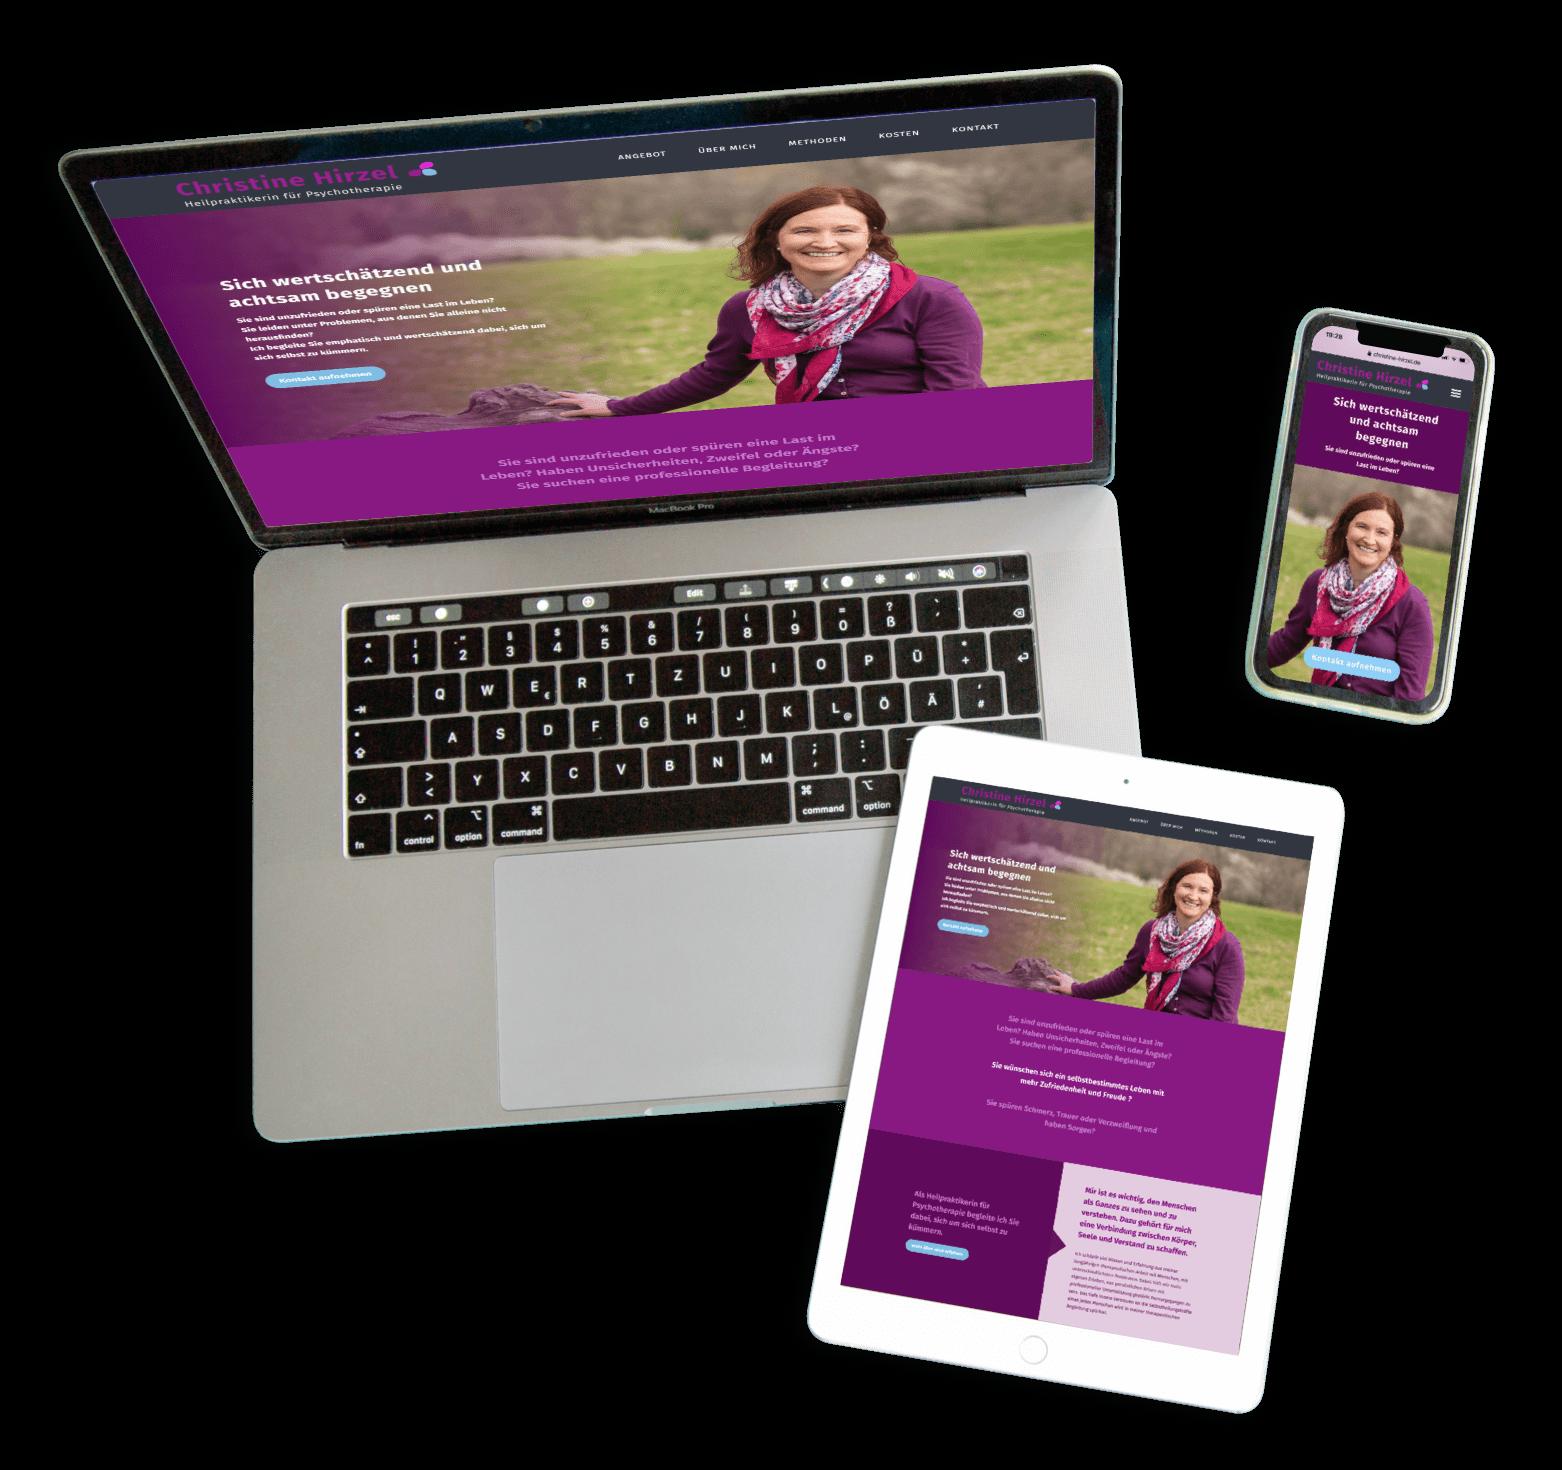 eine Webseite auf einem MacBook Pro und iPad und iPhone gezeigt als Beispiele für Responsive Webdesign